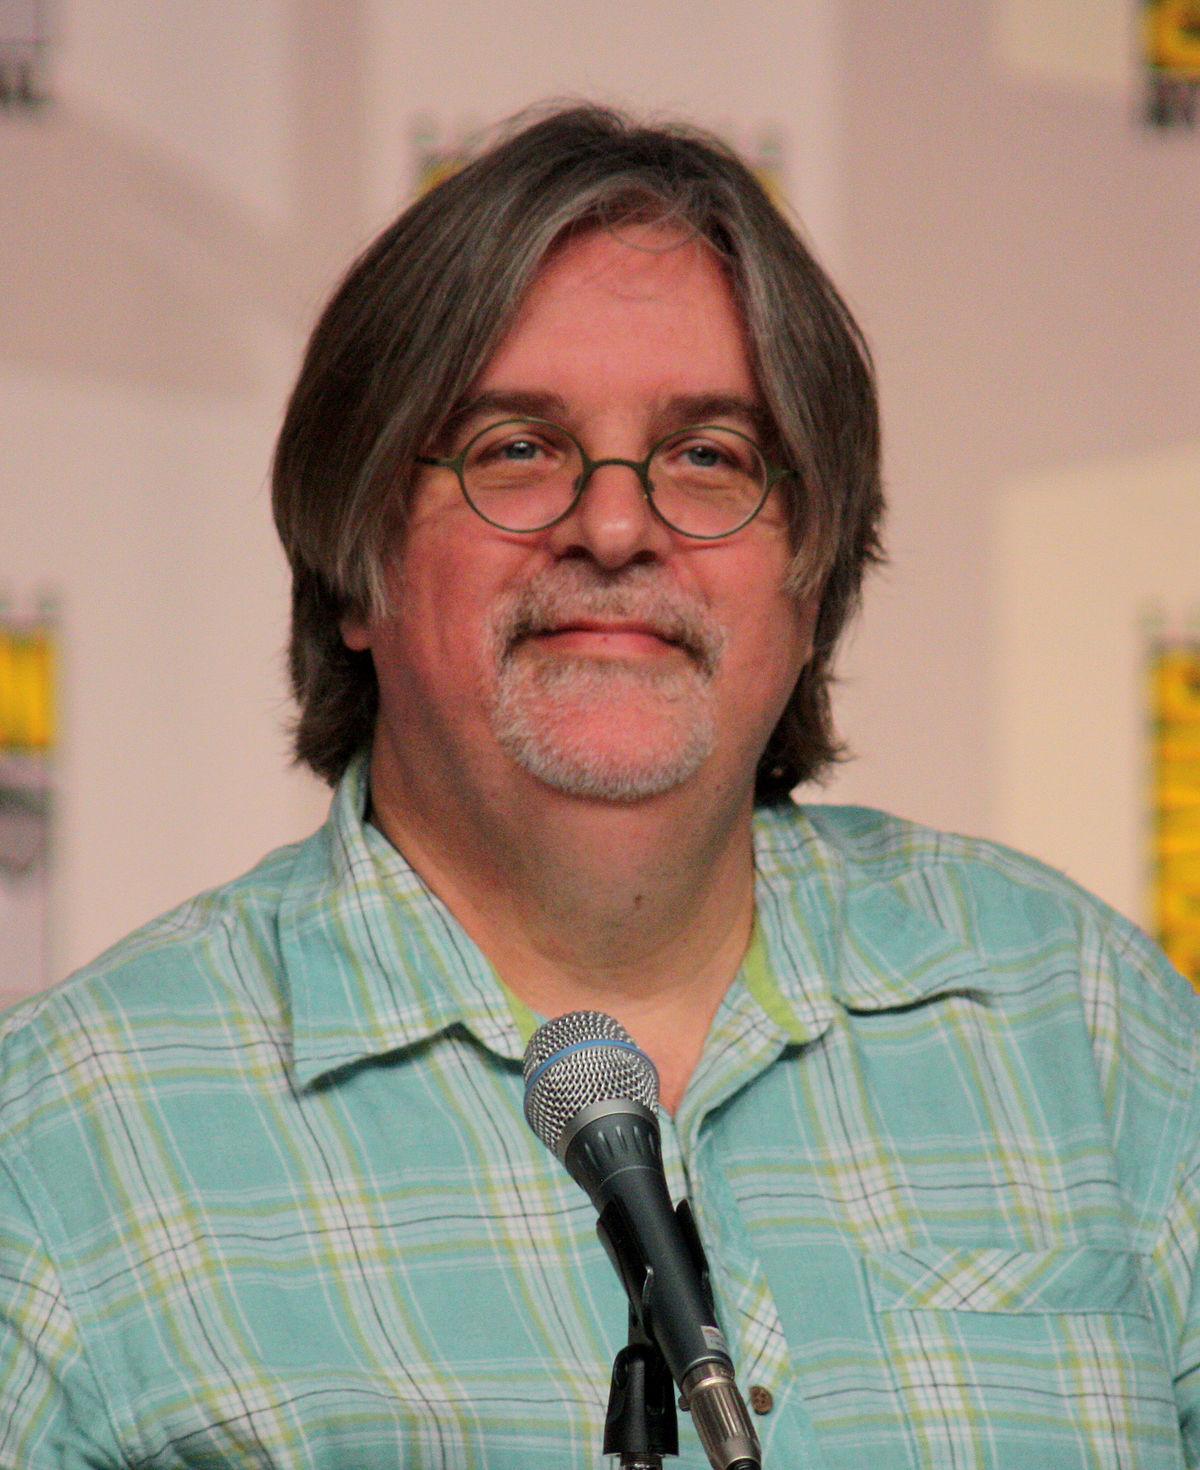 Matt Groening by Gage Skidmore.jpg